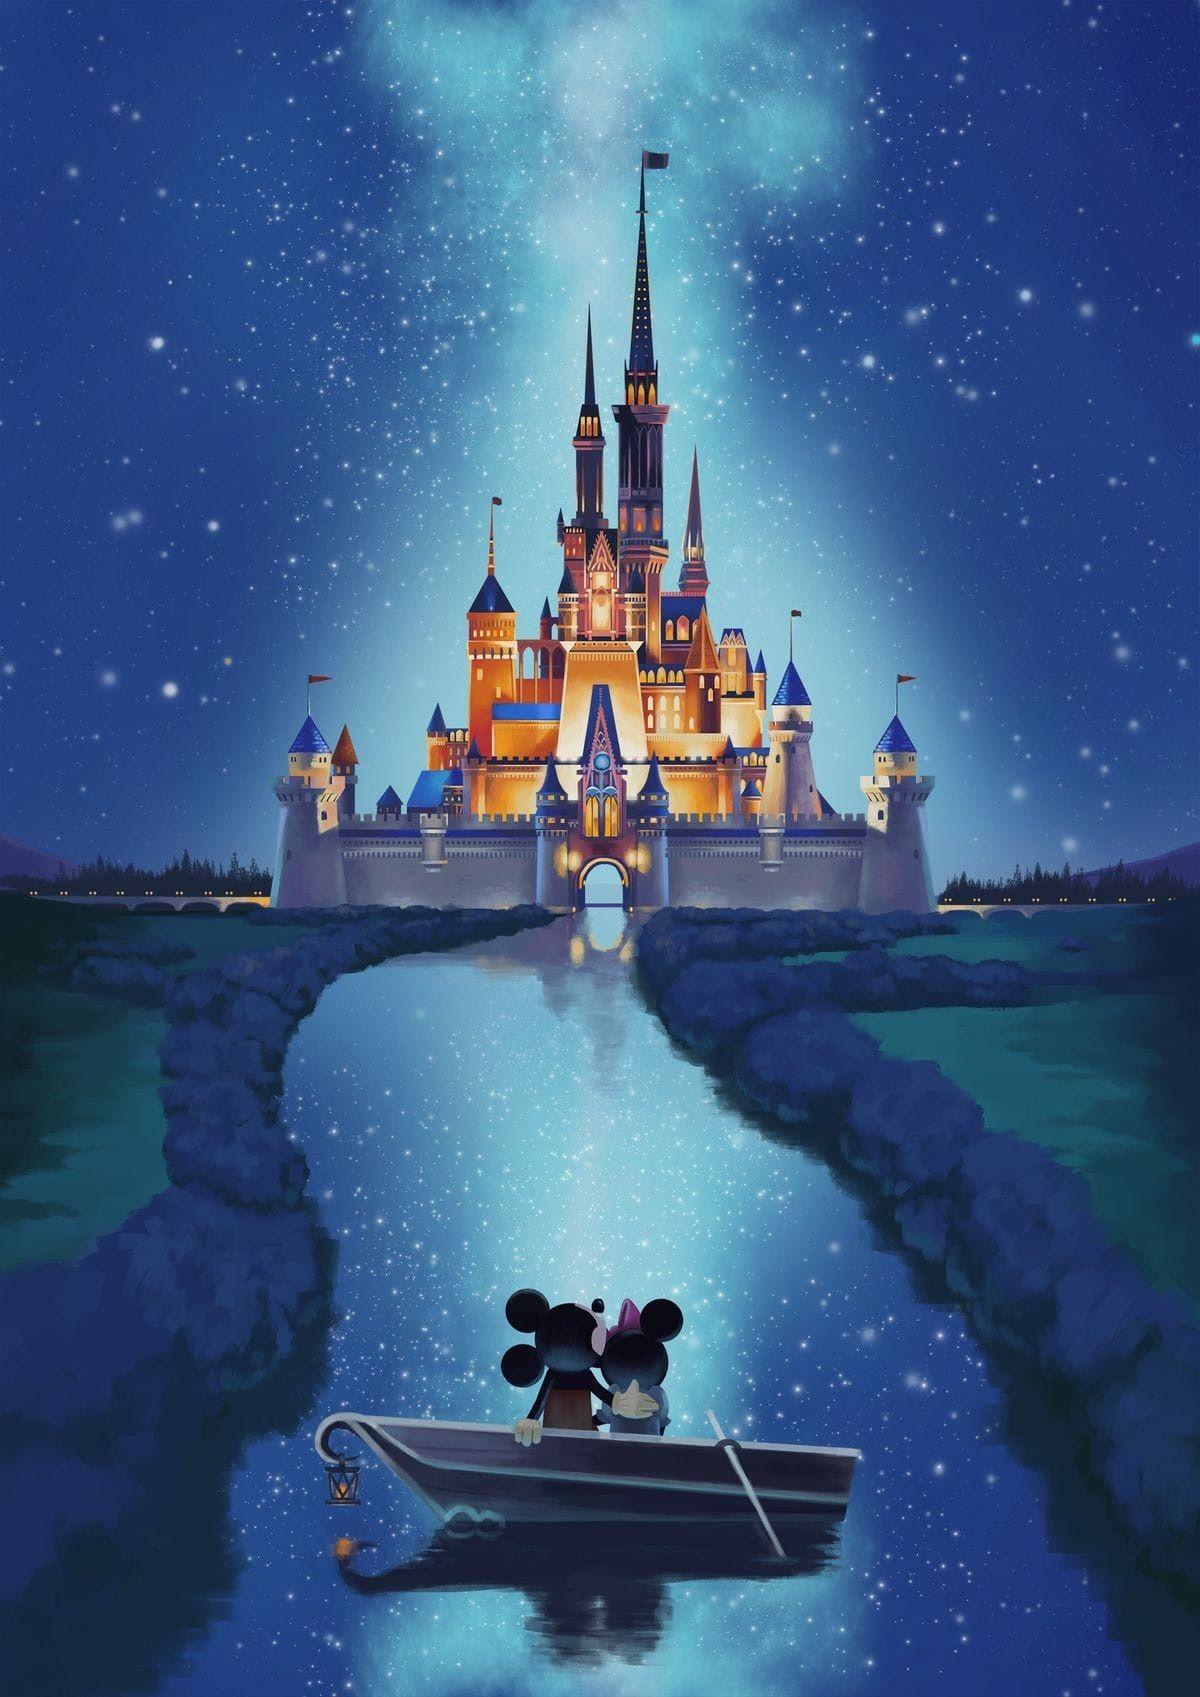 Disney | Art disney, Fond d'écran mickey mouse, Disney magic